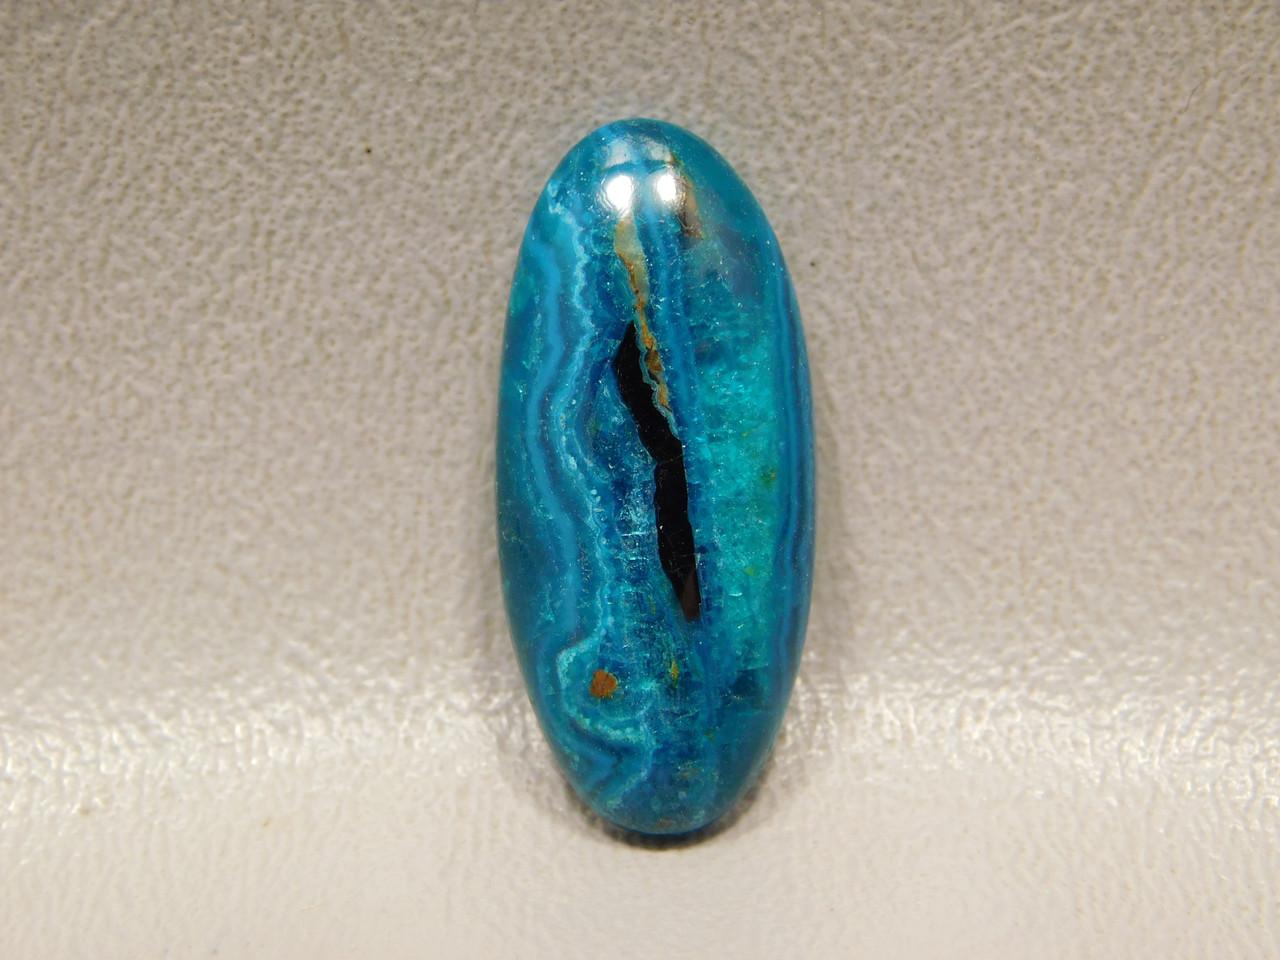 Jewelry Cabochon Chrysocolla Malachite Blue Green Bagdad Stone #7